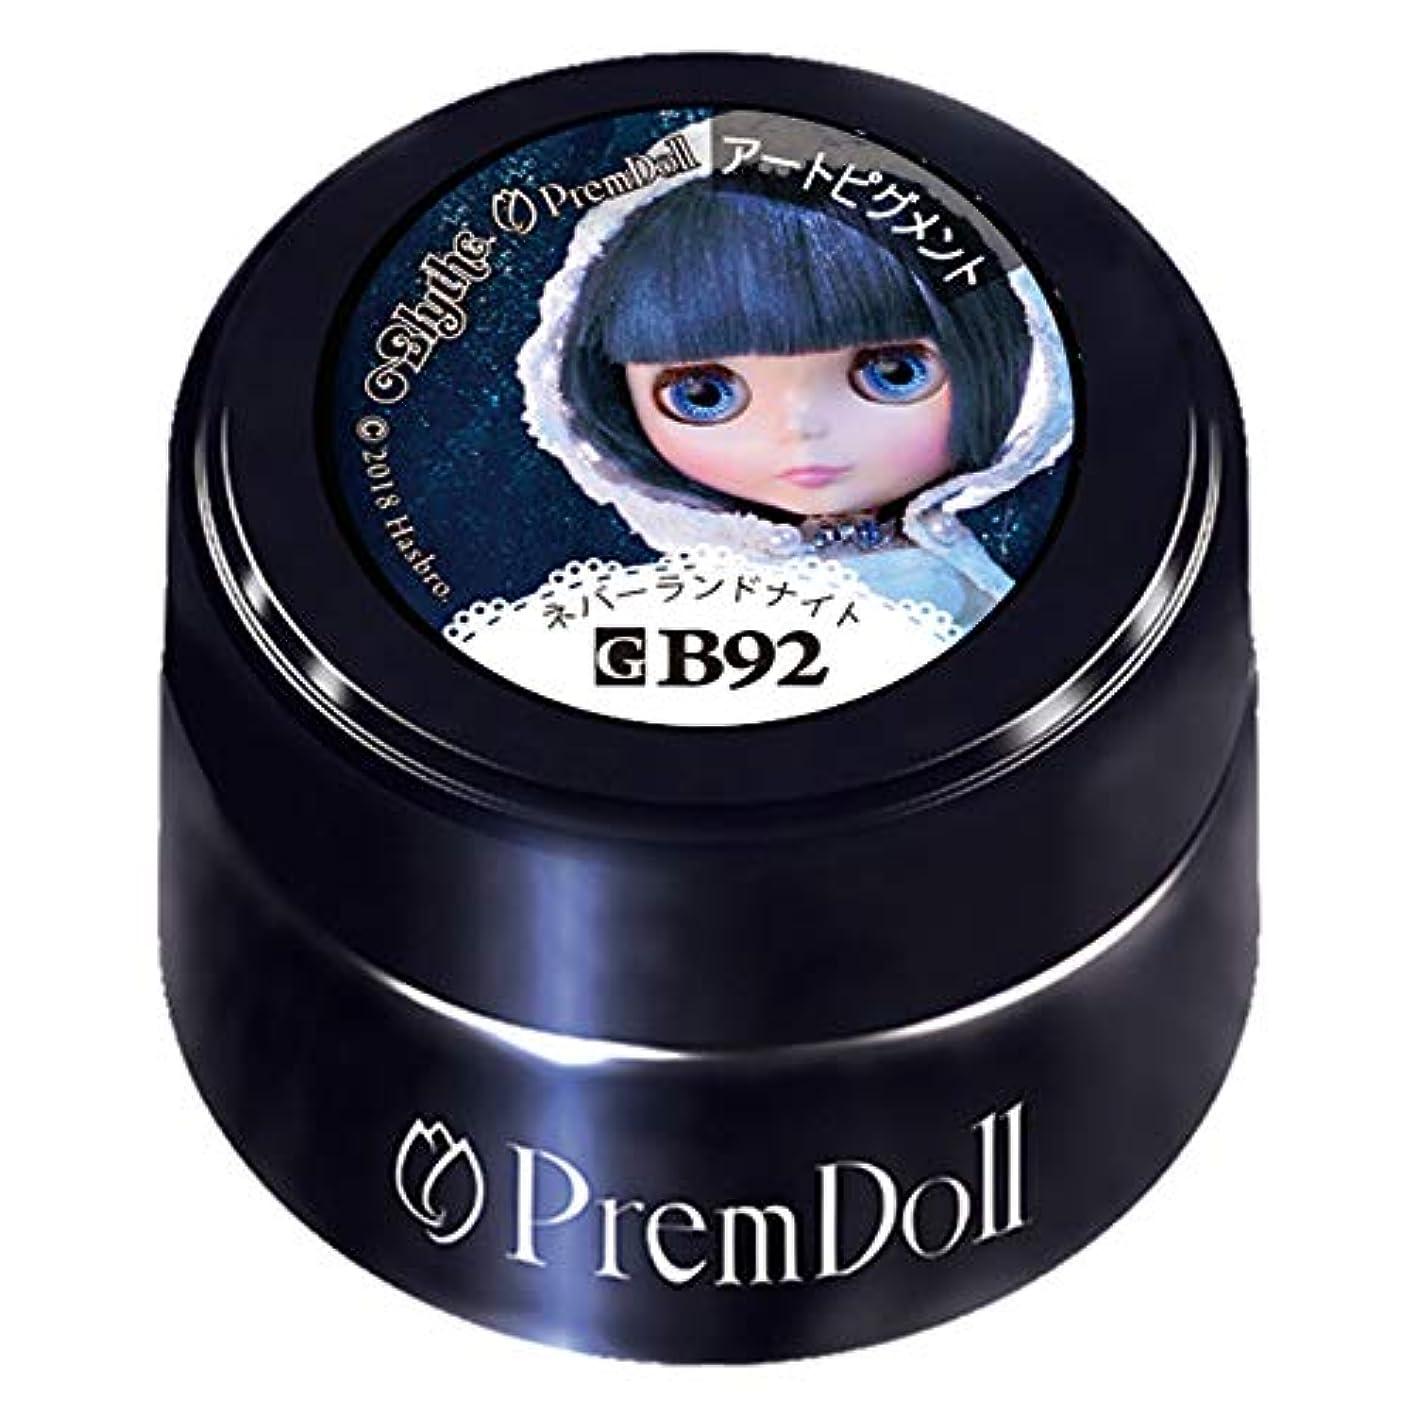 限られたランプ社説PRE GEL プリムドール ネバーランドナイト92 DOLL-B92 3g カラージェル UV/LED対応